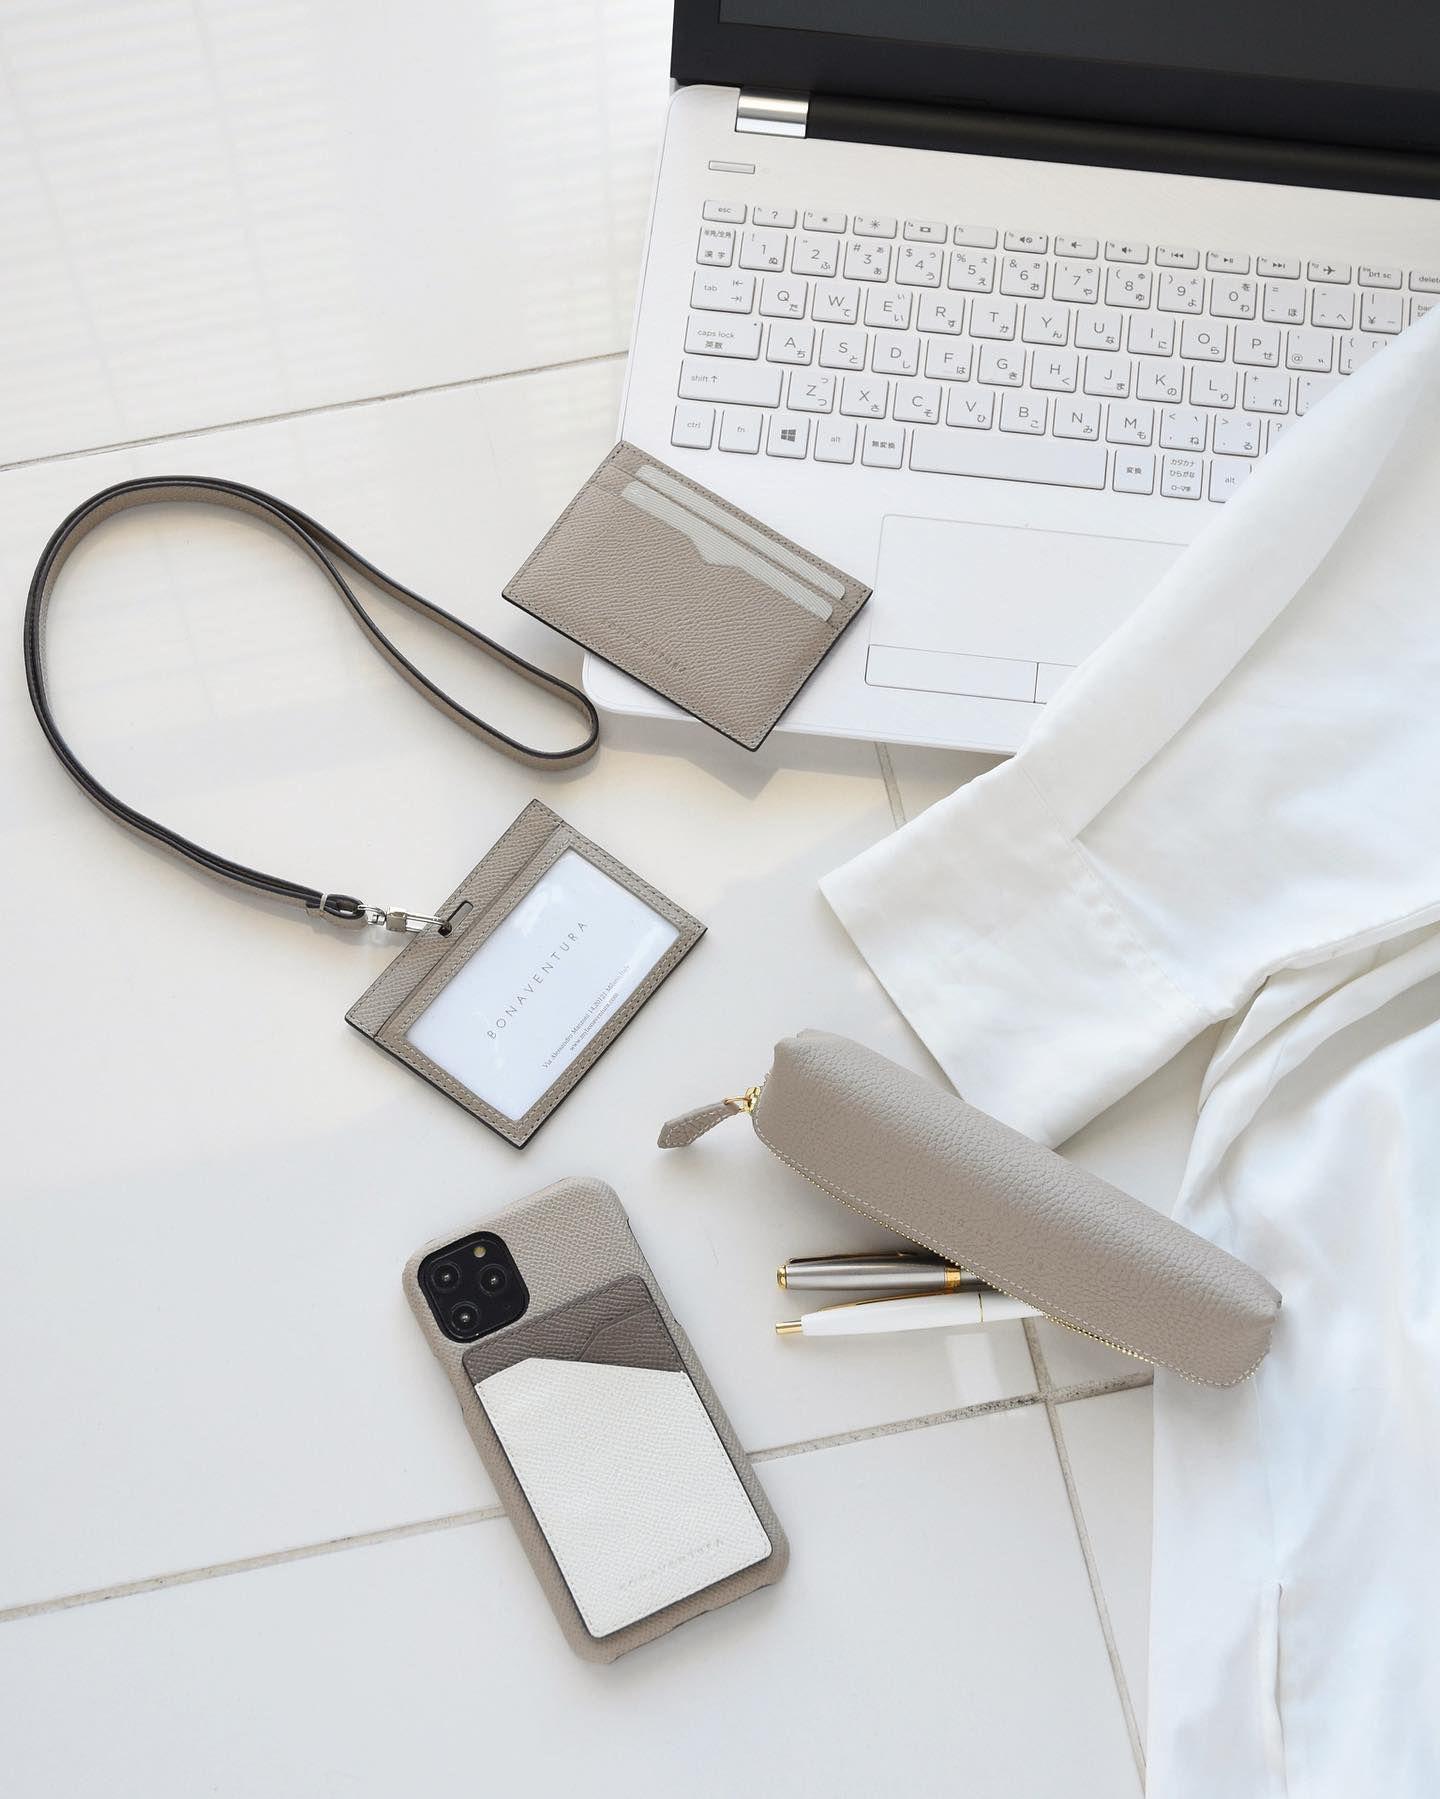 Pop Up Event At Mitsukoshi Ginza From The 11th ㅤ 12月11日 水 銀座三越3階ル プレイスにて ボナベンチュラのポップアップイベントを開催いたします ㅤ Iphoneケースやお財布 バッグなどをバリエーション豊富に展開するほか 新商品のペン 2020 ボナ